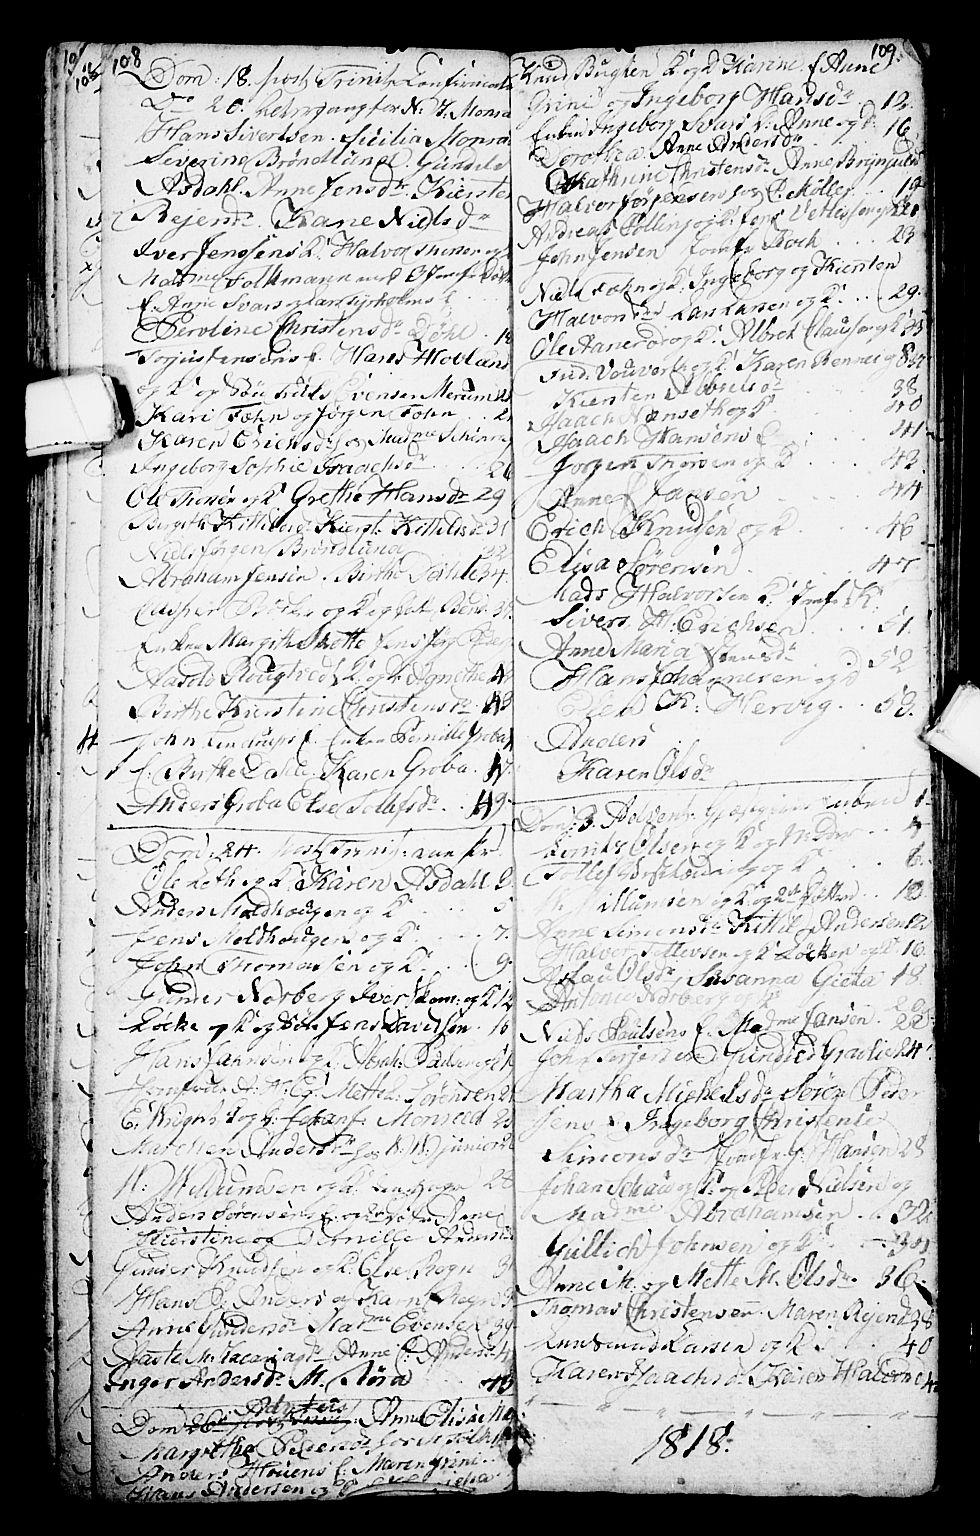 SAKO, Porsgrunn kirkebøker , G/Ga/L0001: Klokkerbok nr. I 1, 1766-1790, s. 108-109